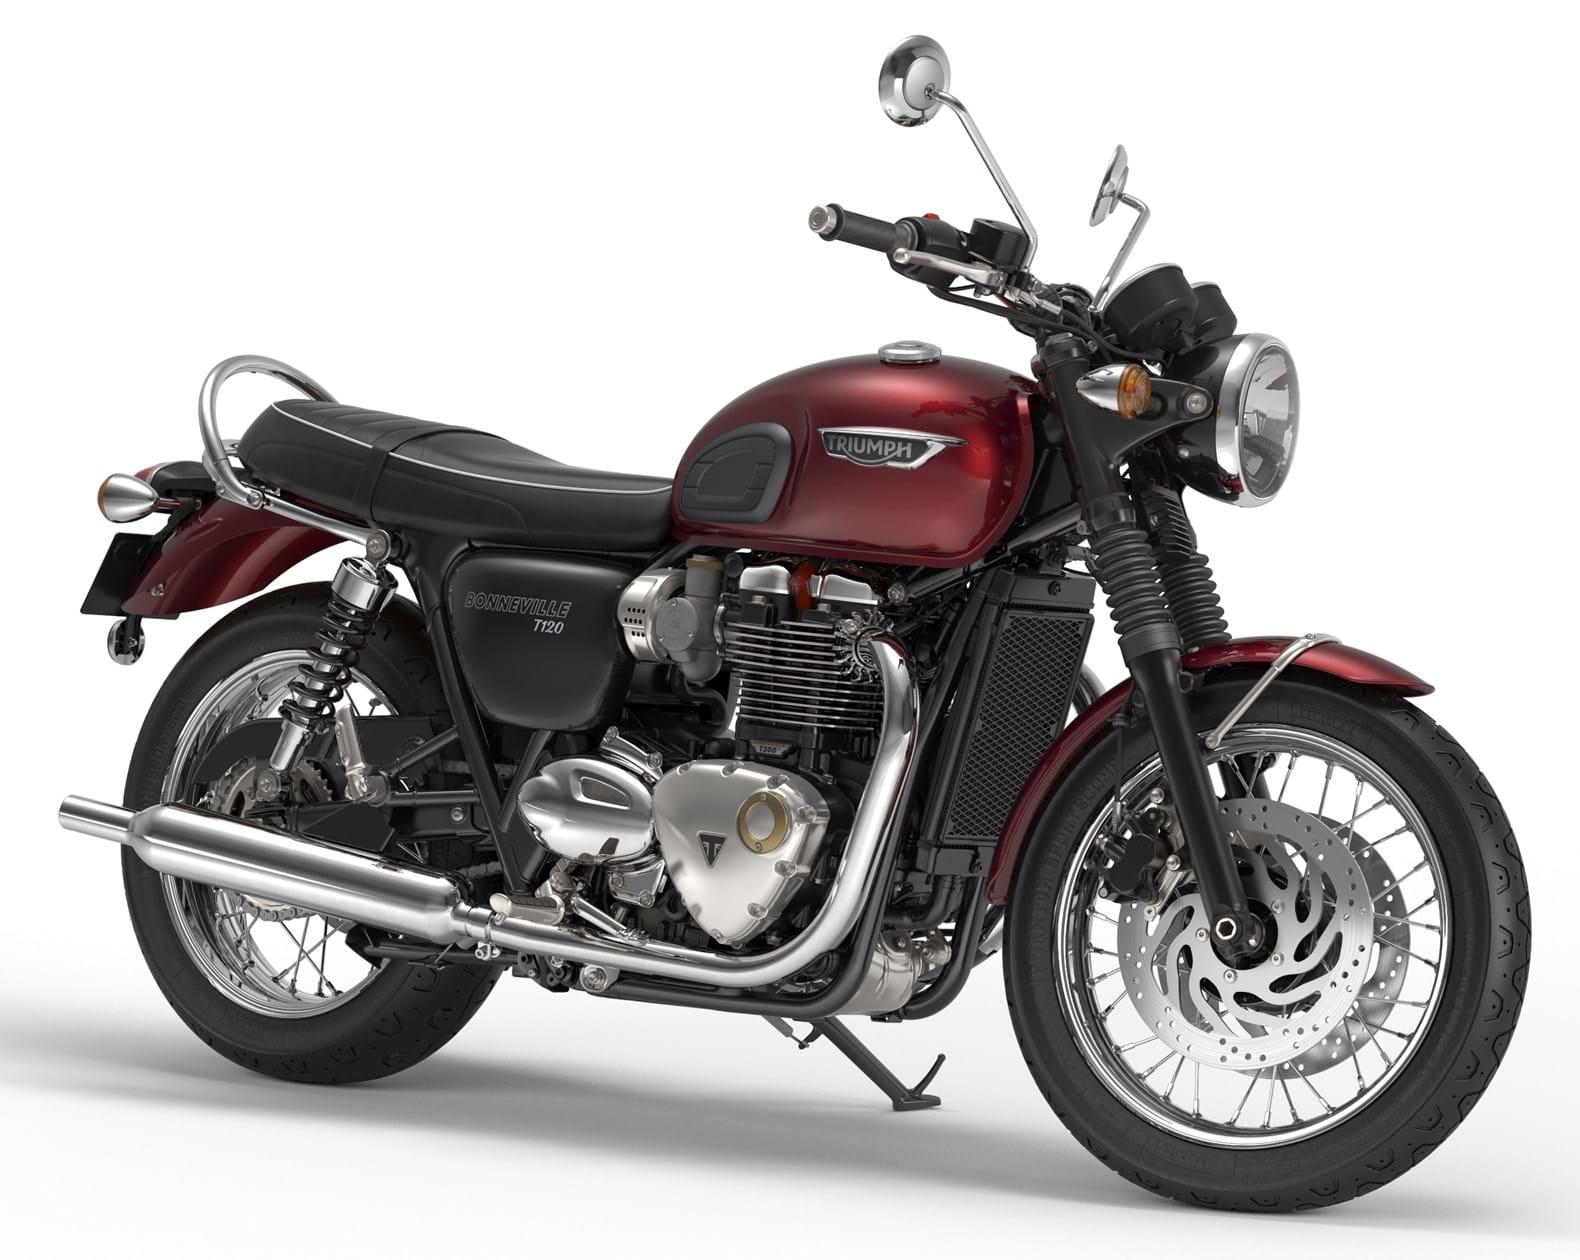 For Sale Triumph Bonneville T120 The Bike Market